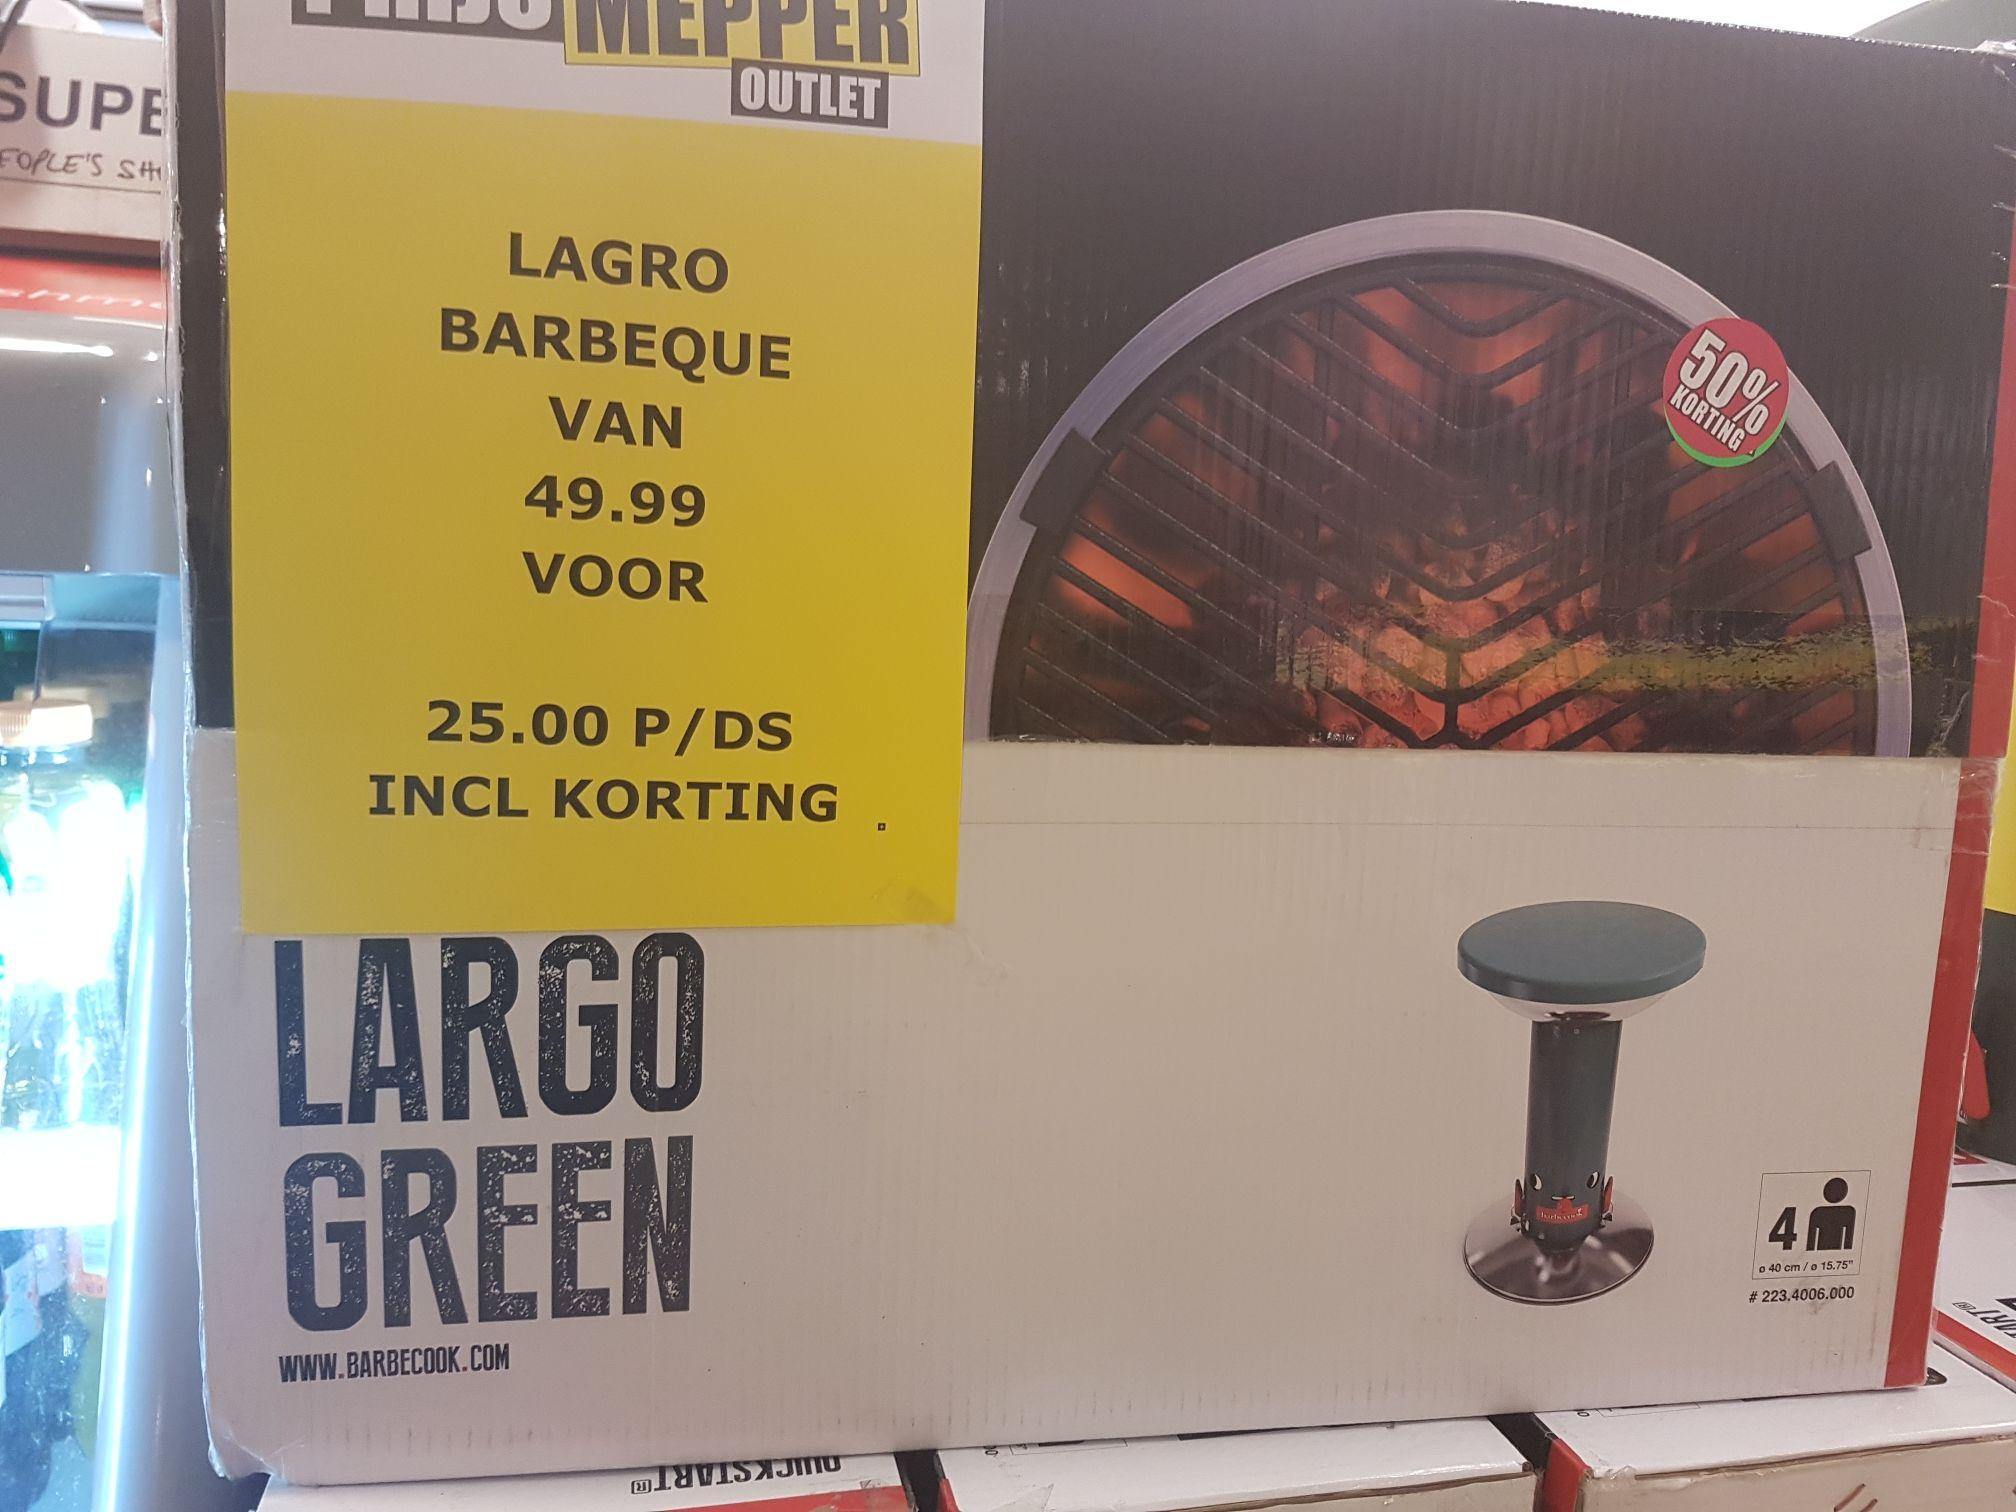 Barbecook Lagro Green @prijsmepper Delft